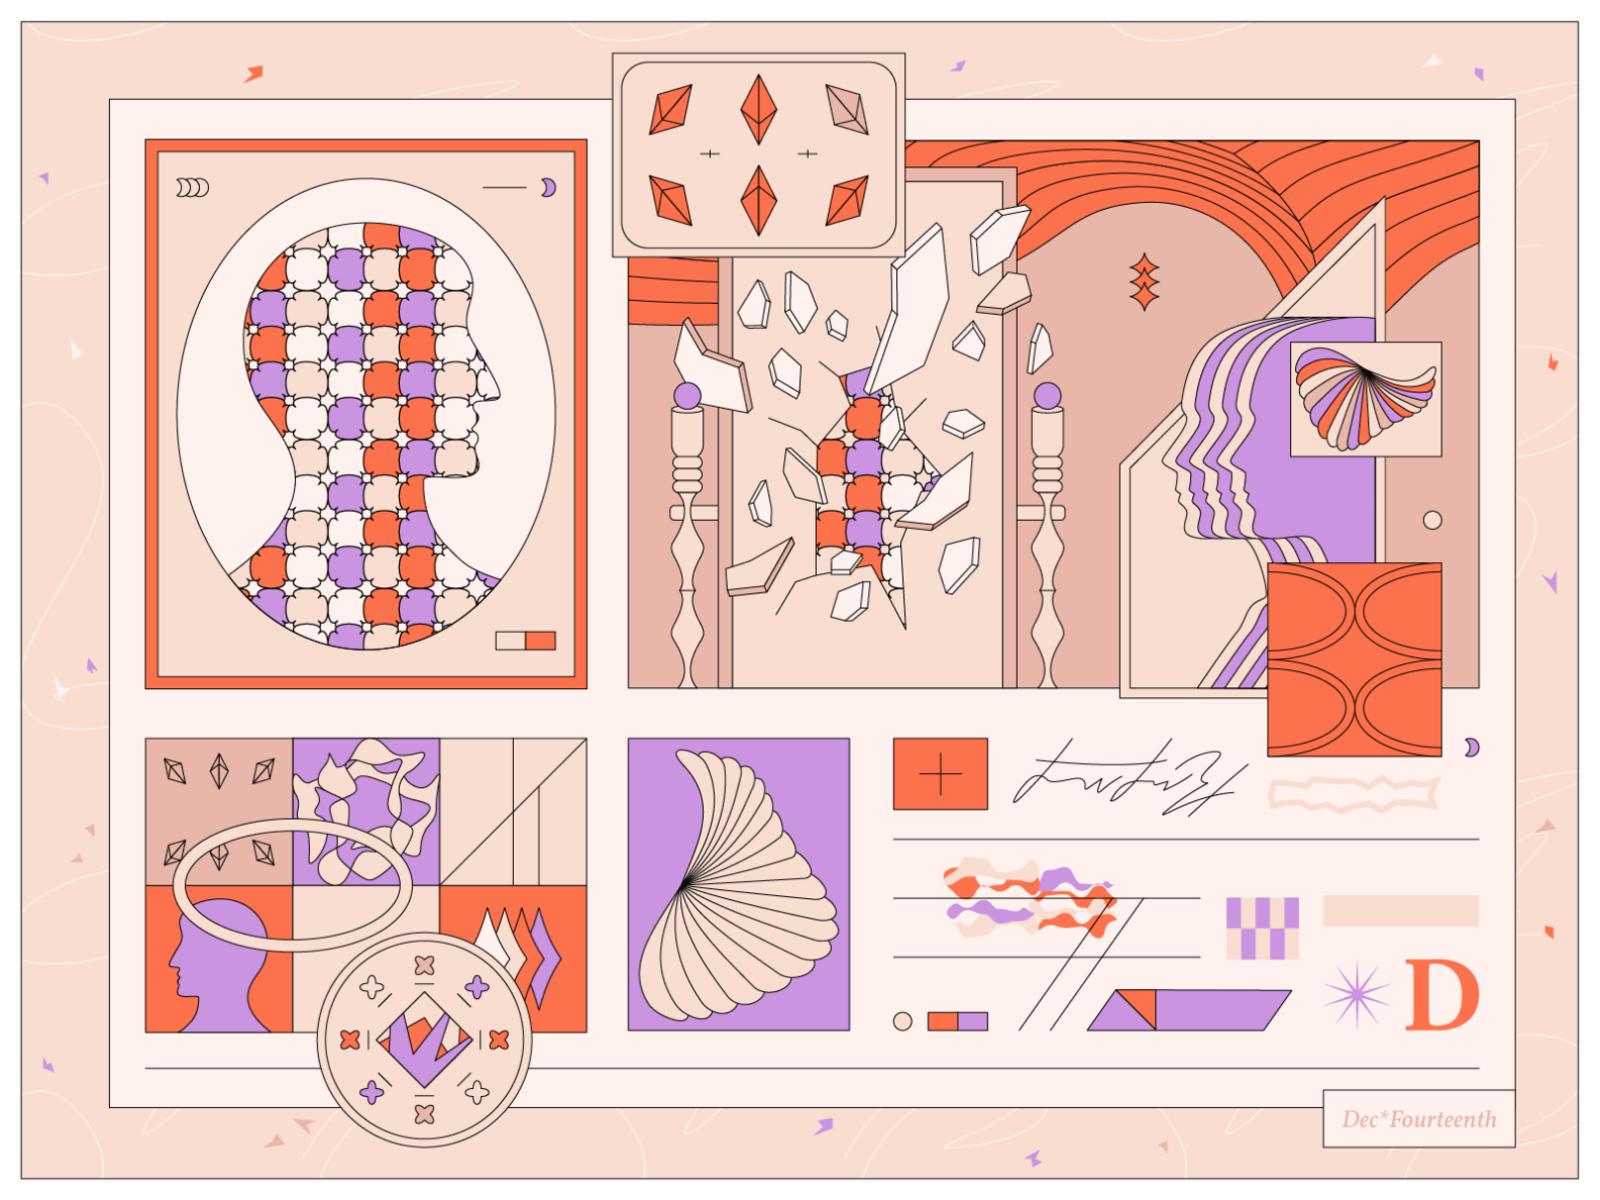 Psychology of Design